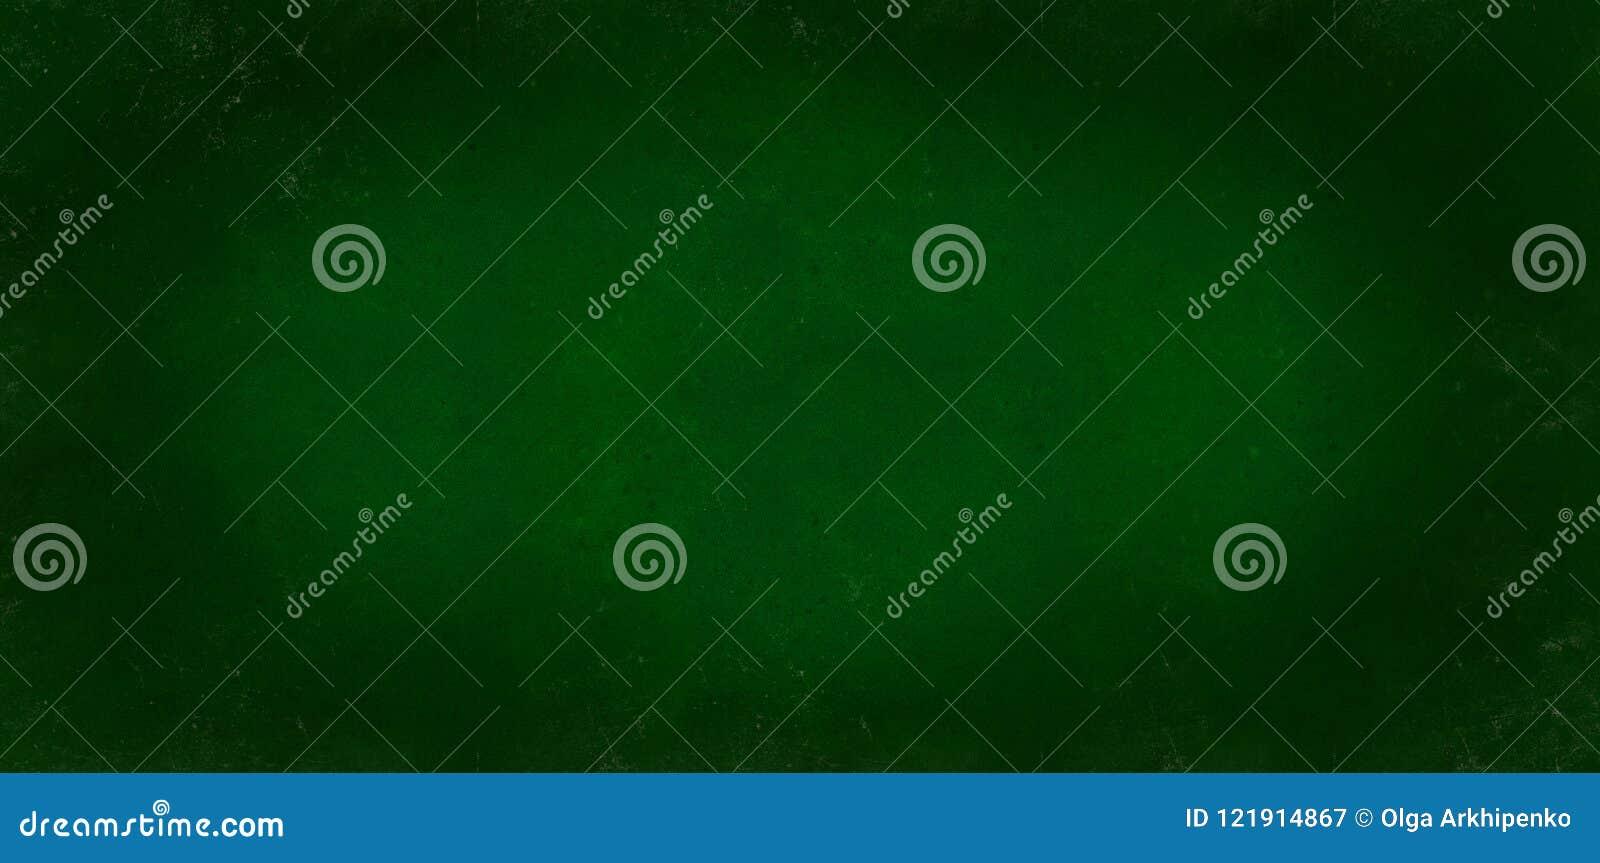 Il fondo verde scuro della lavagna della scuola colorato vignetted la struttura Struttura misera nera verde scuro